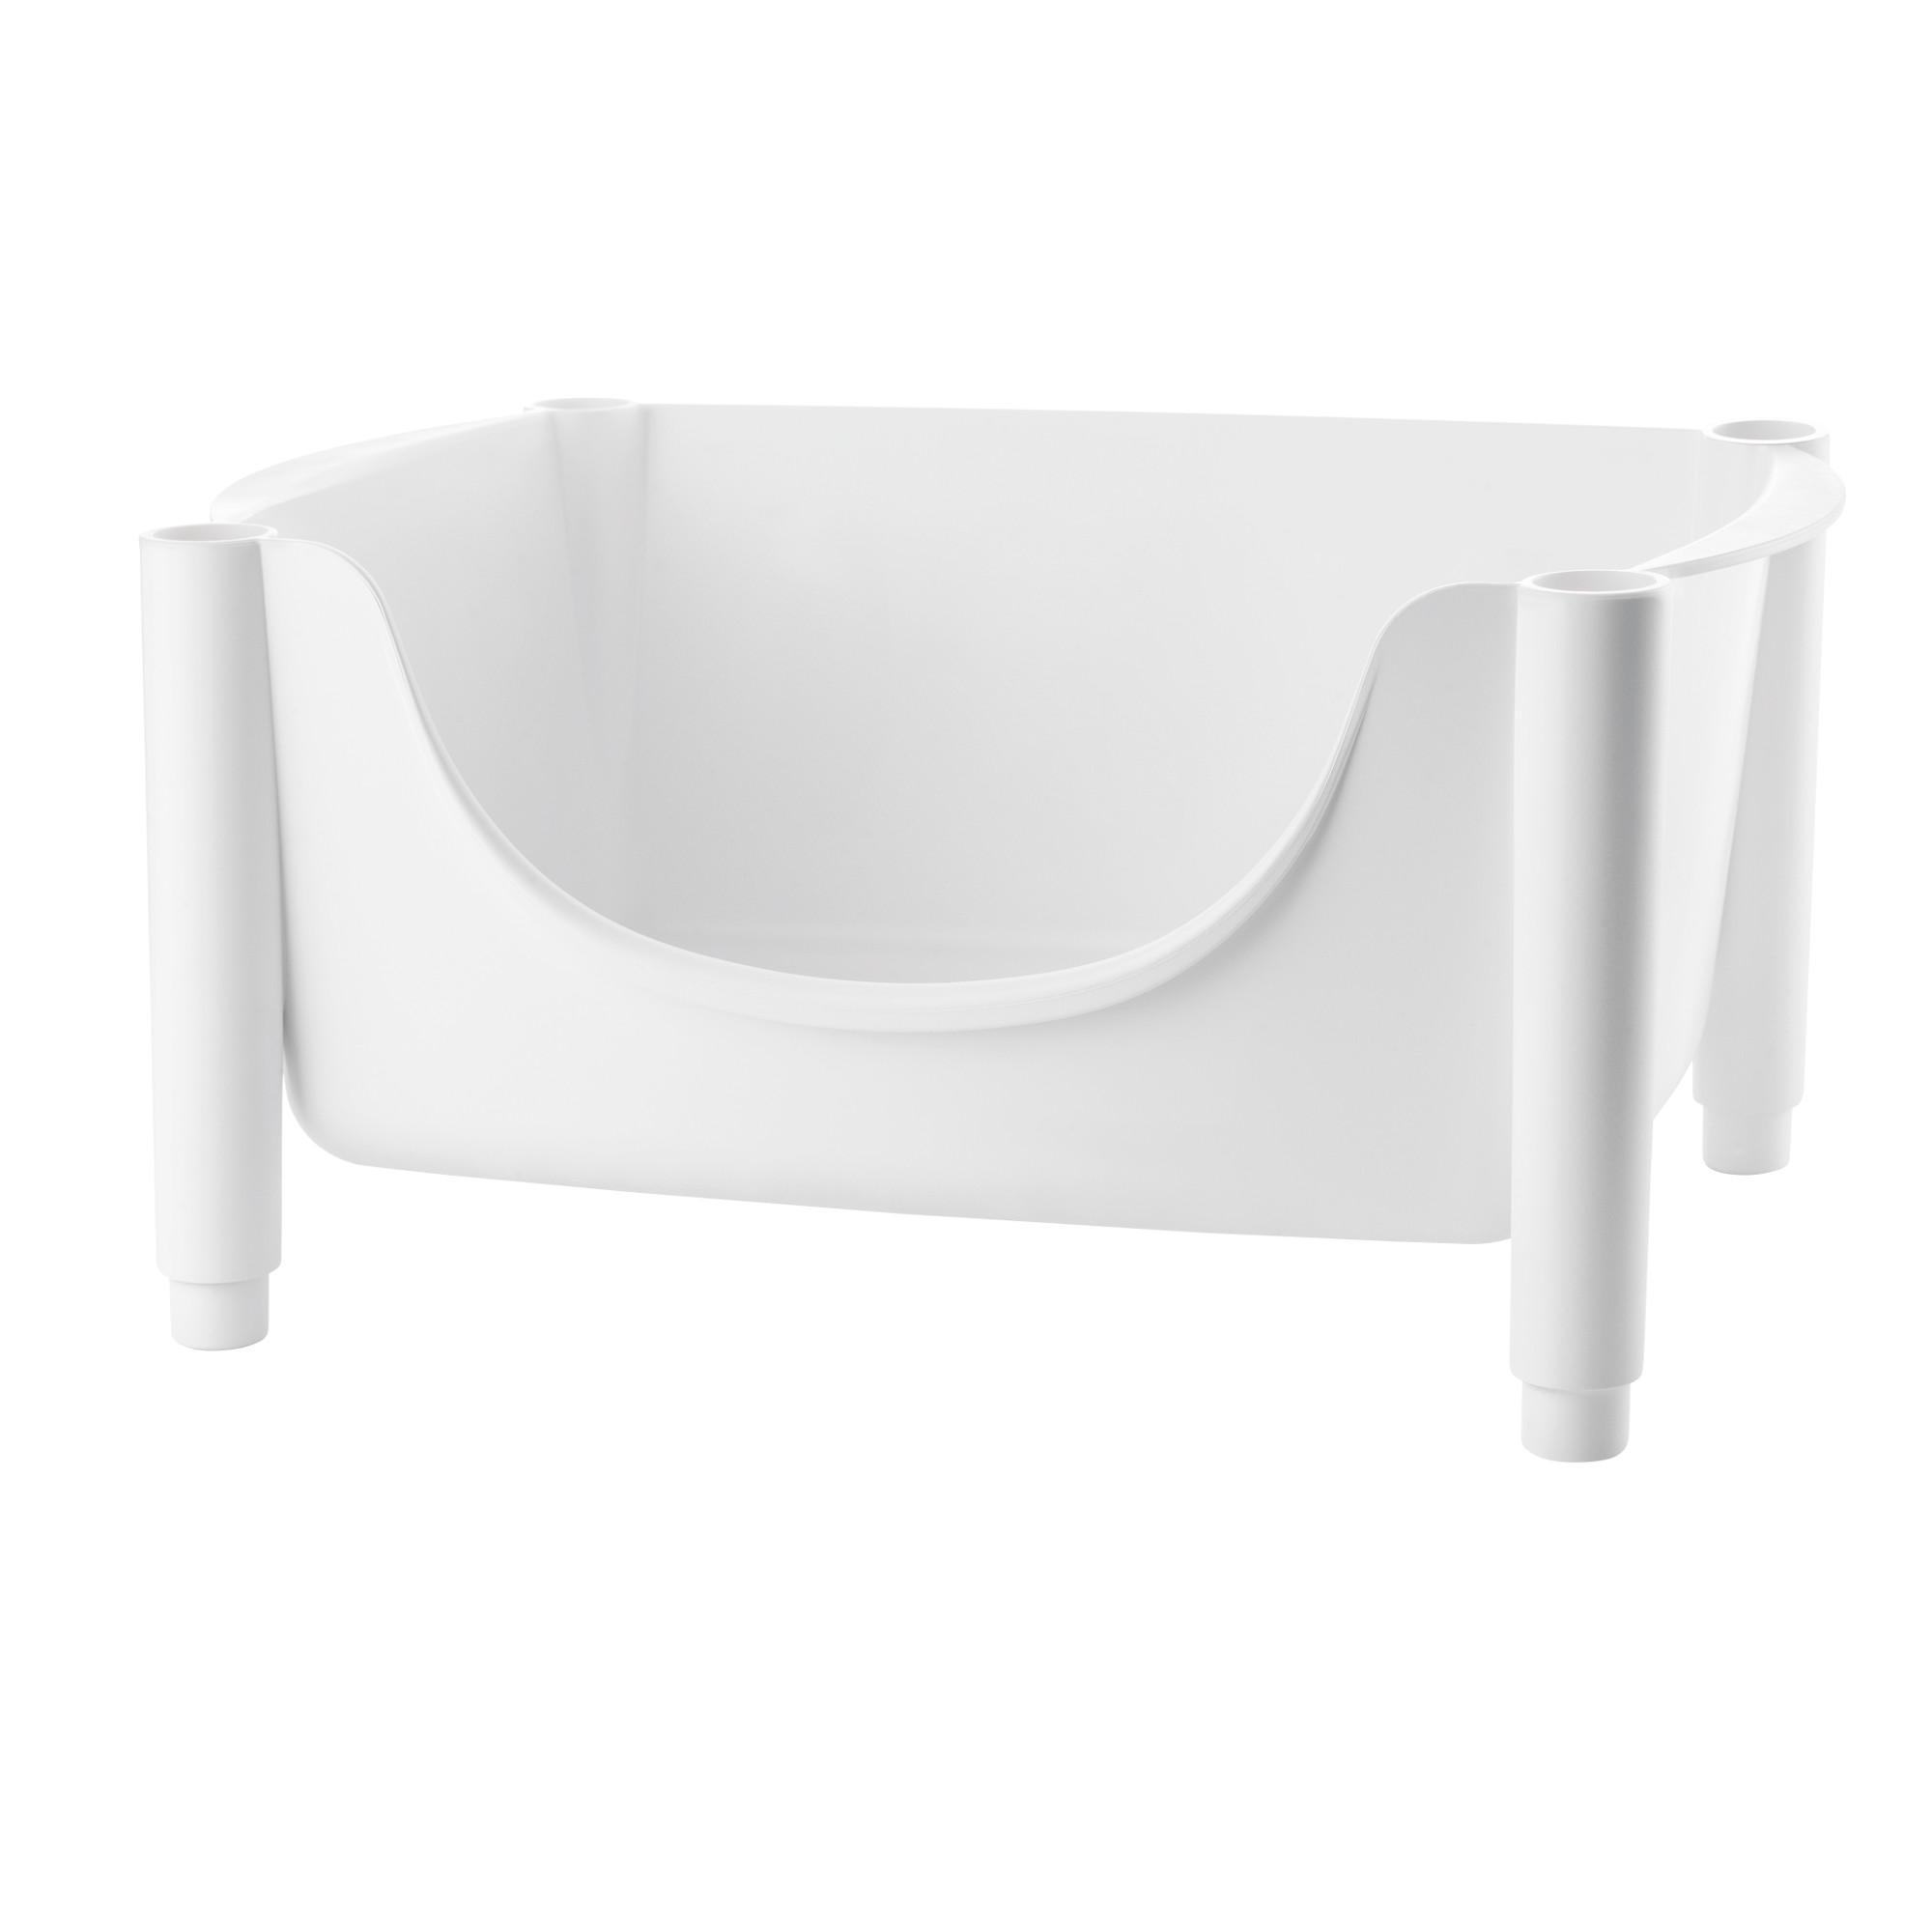 Ikea credenze - Carrello portavivande ikea ...